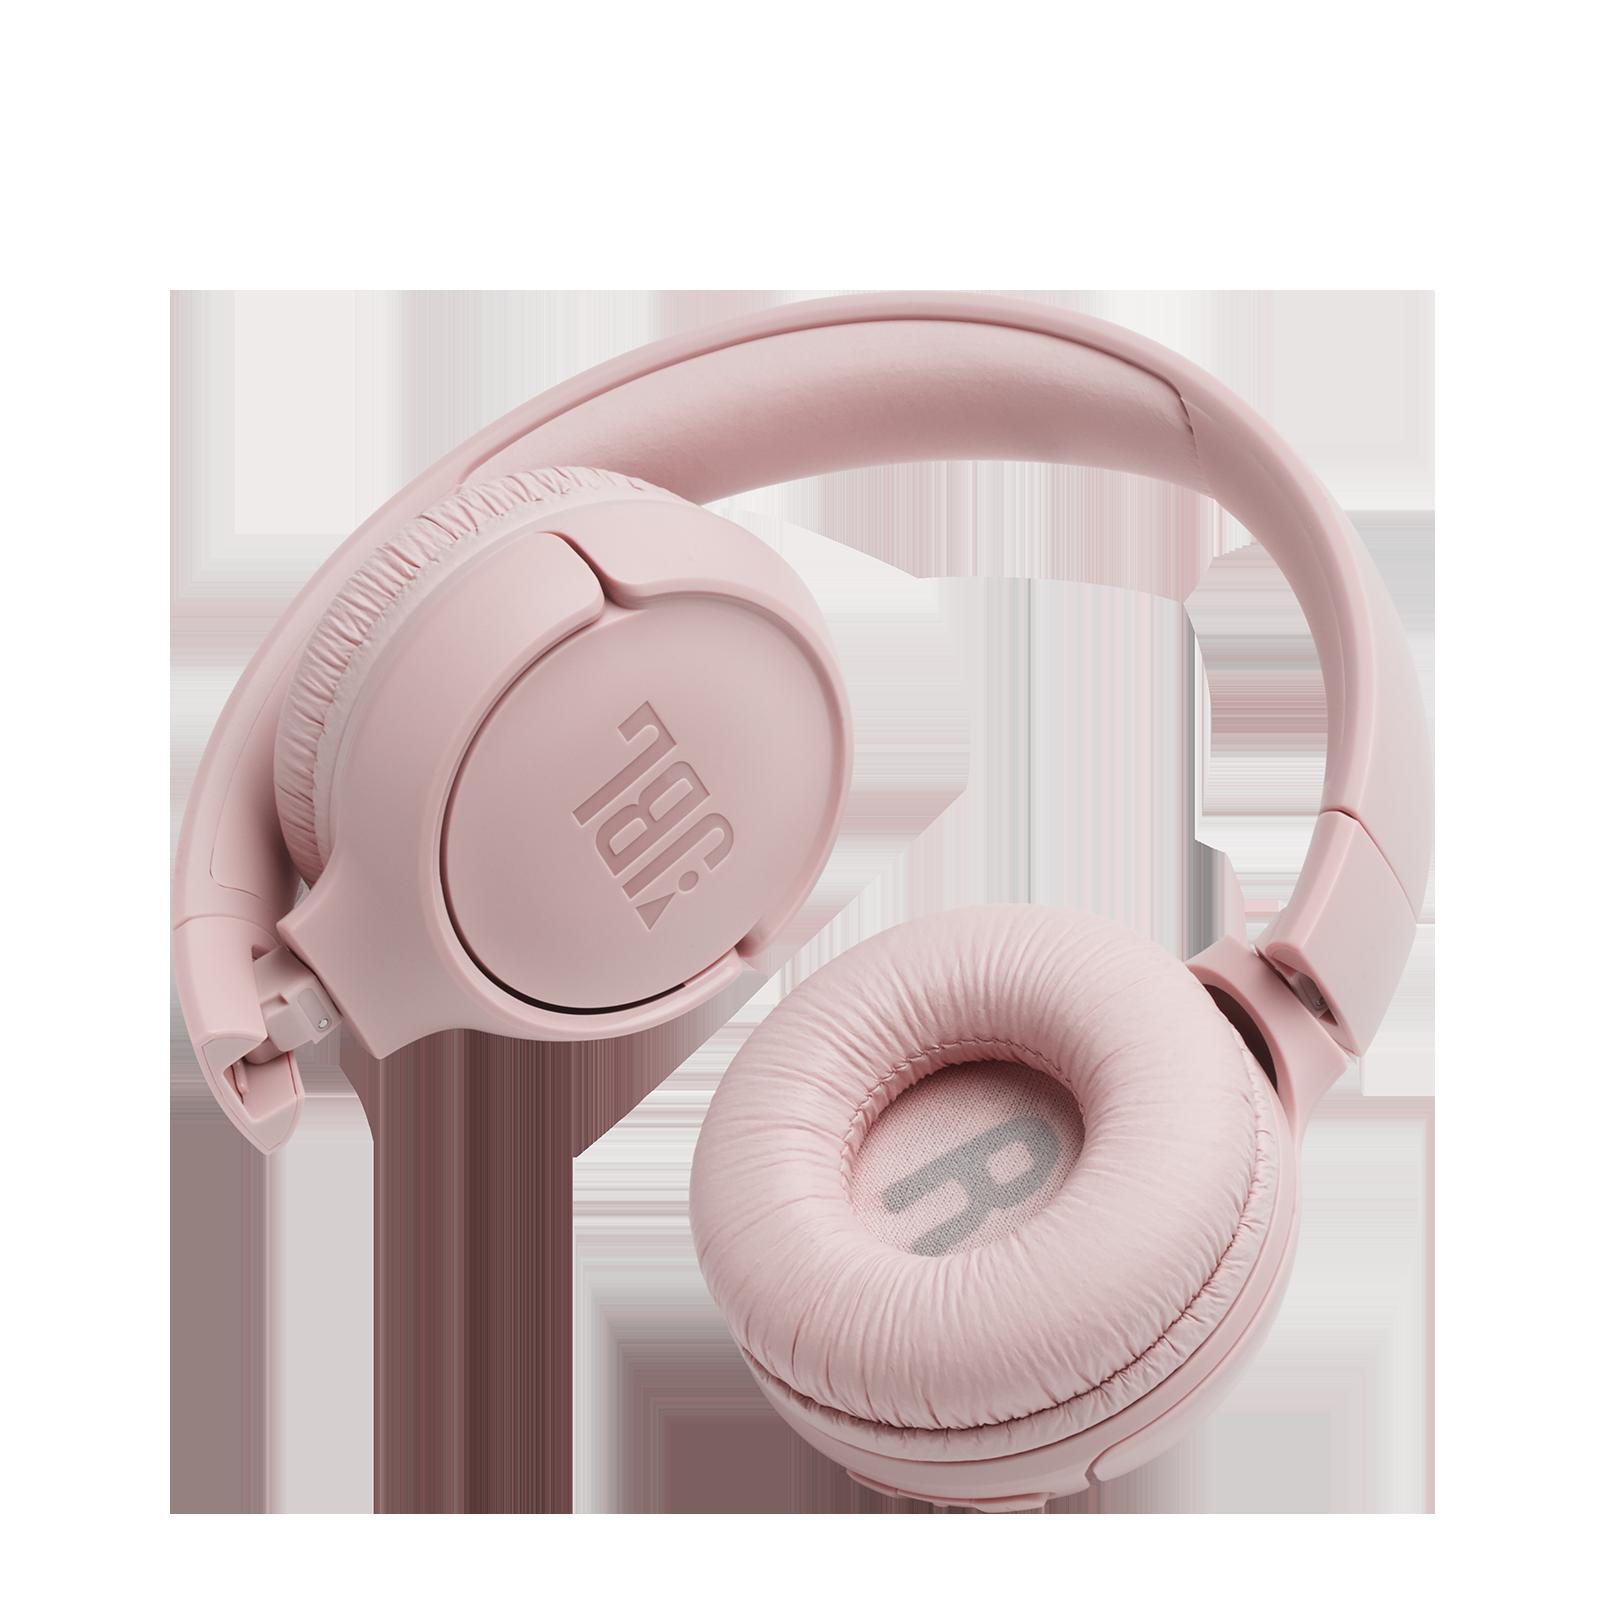 JBL TUNE 560BT - Blue - Wireless on-ear headphones - Back